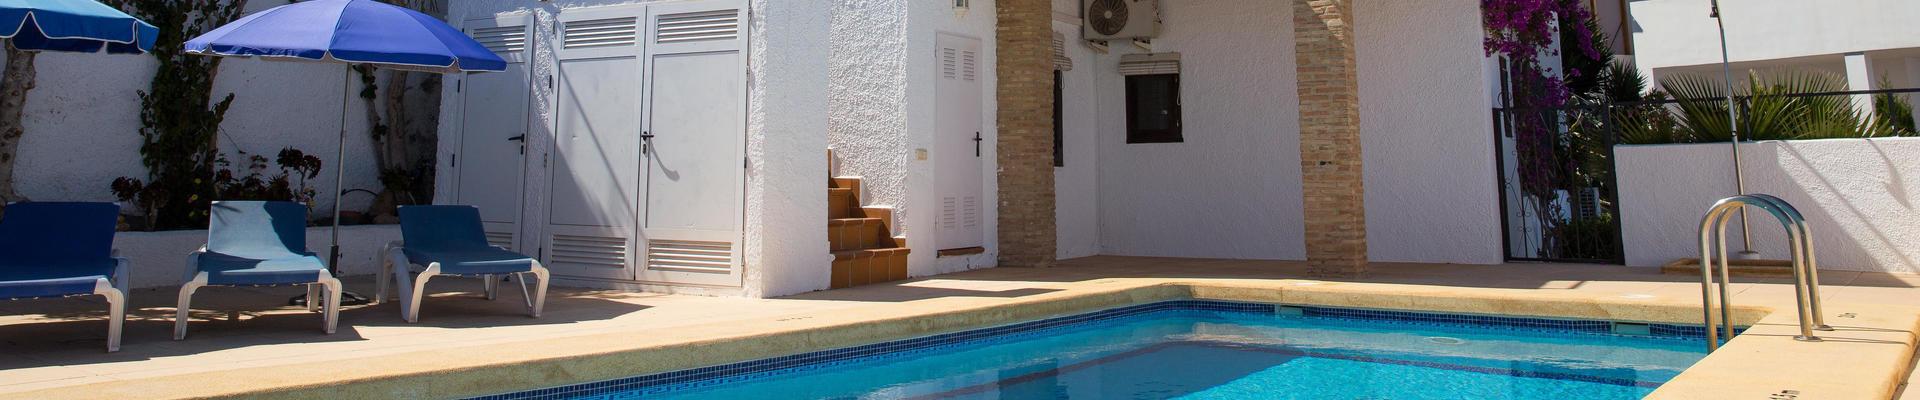 DV1308: 4 Bedroom Villa for Sale